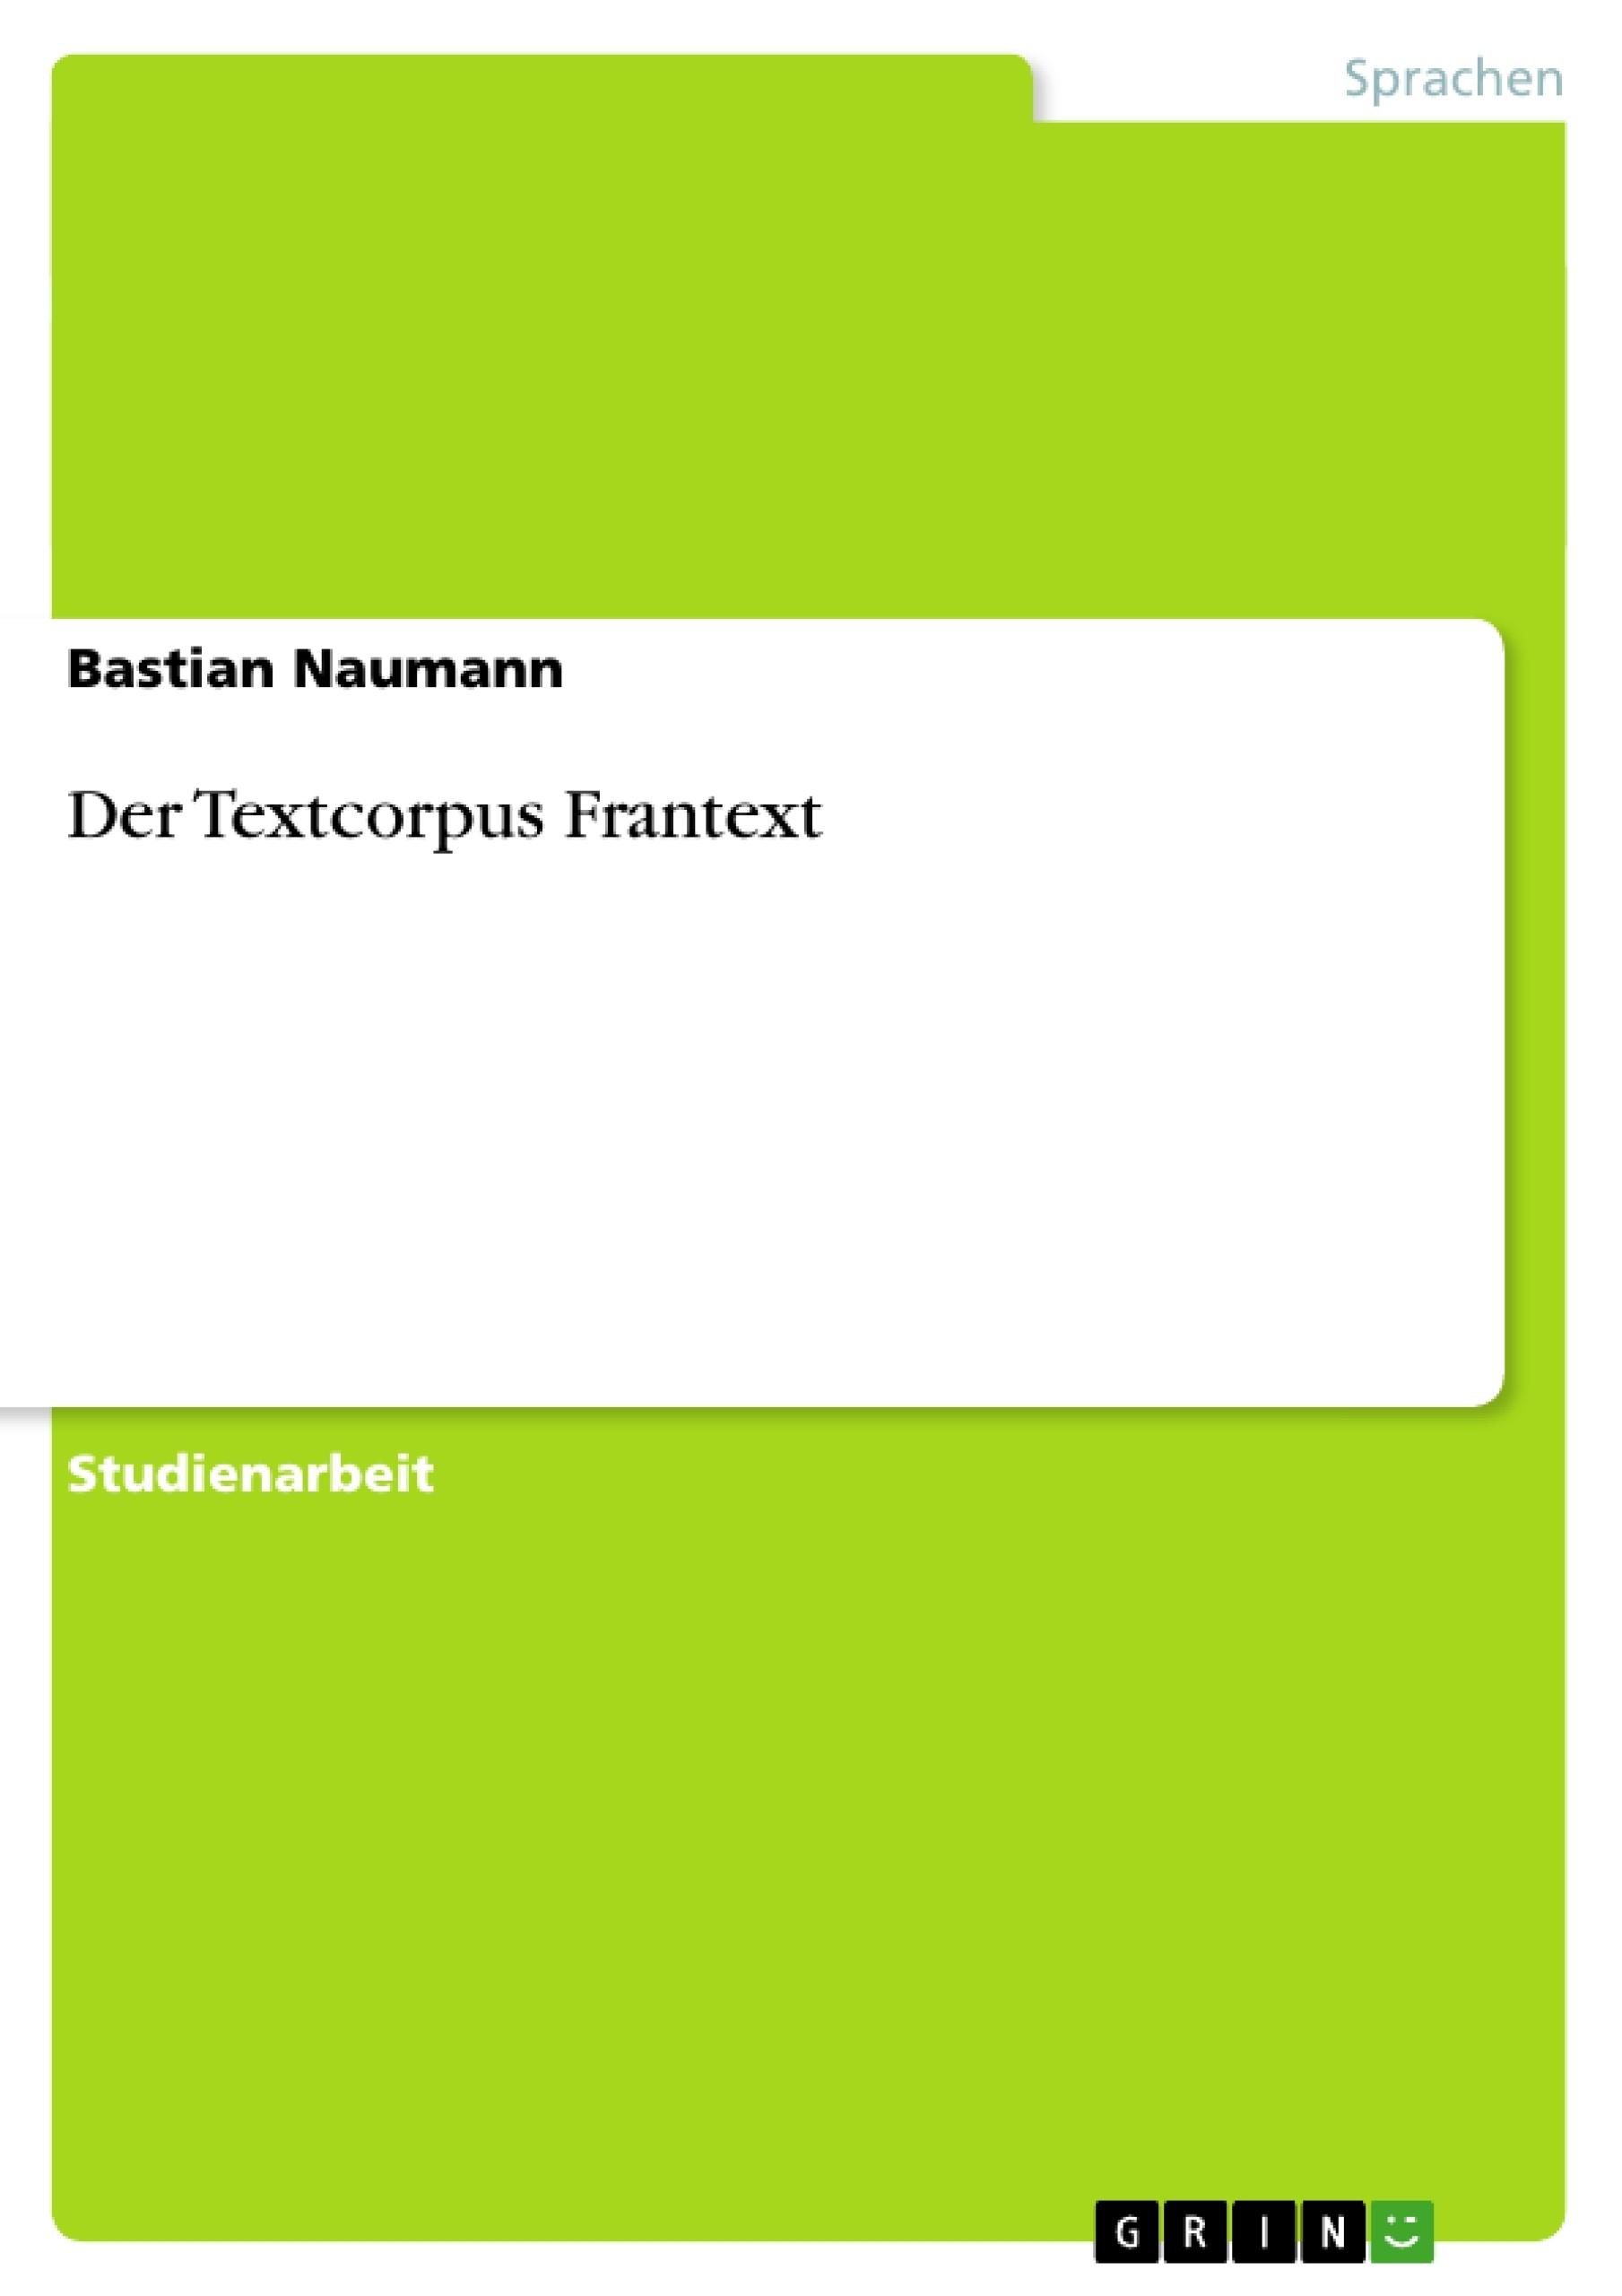 Titel: Der Textcorpus Frantext